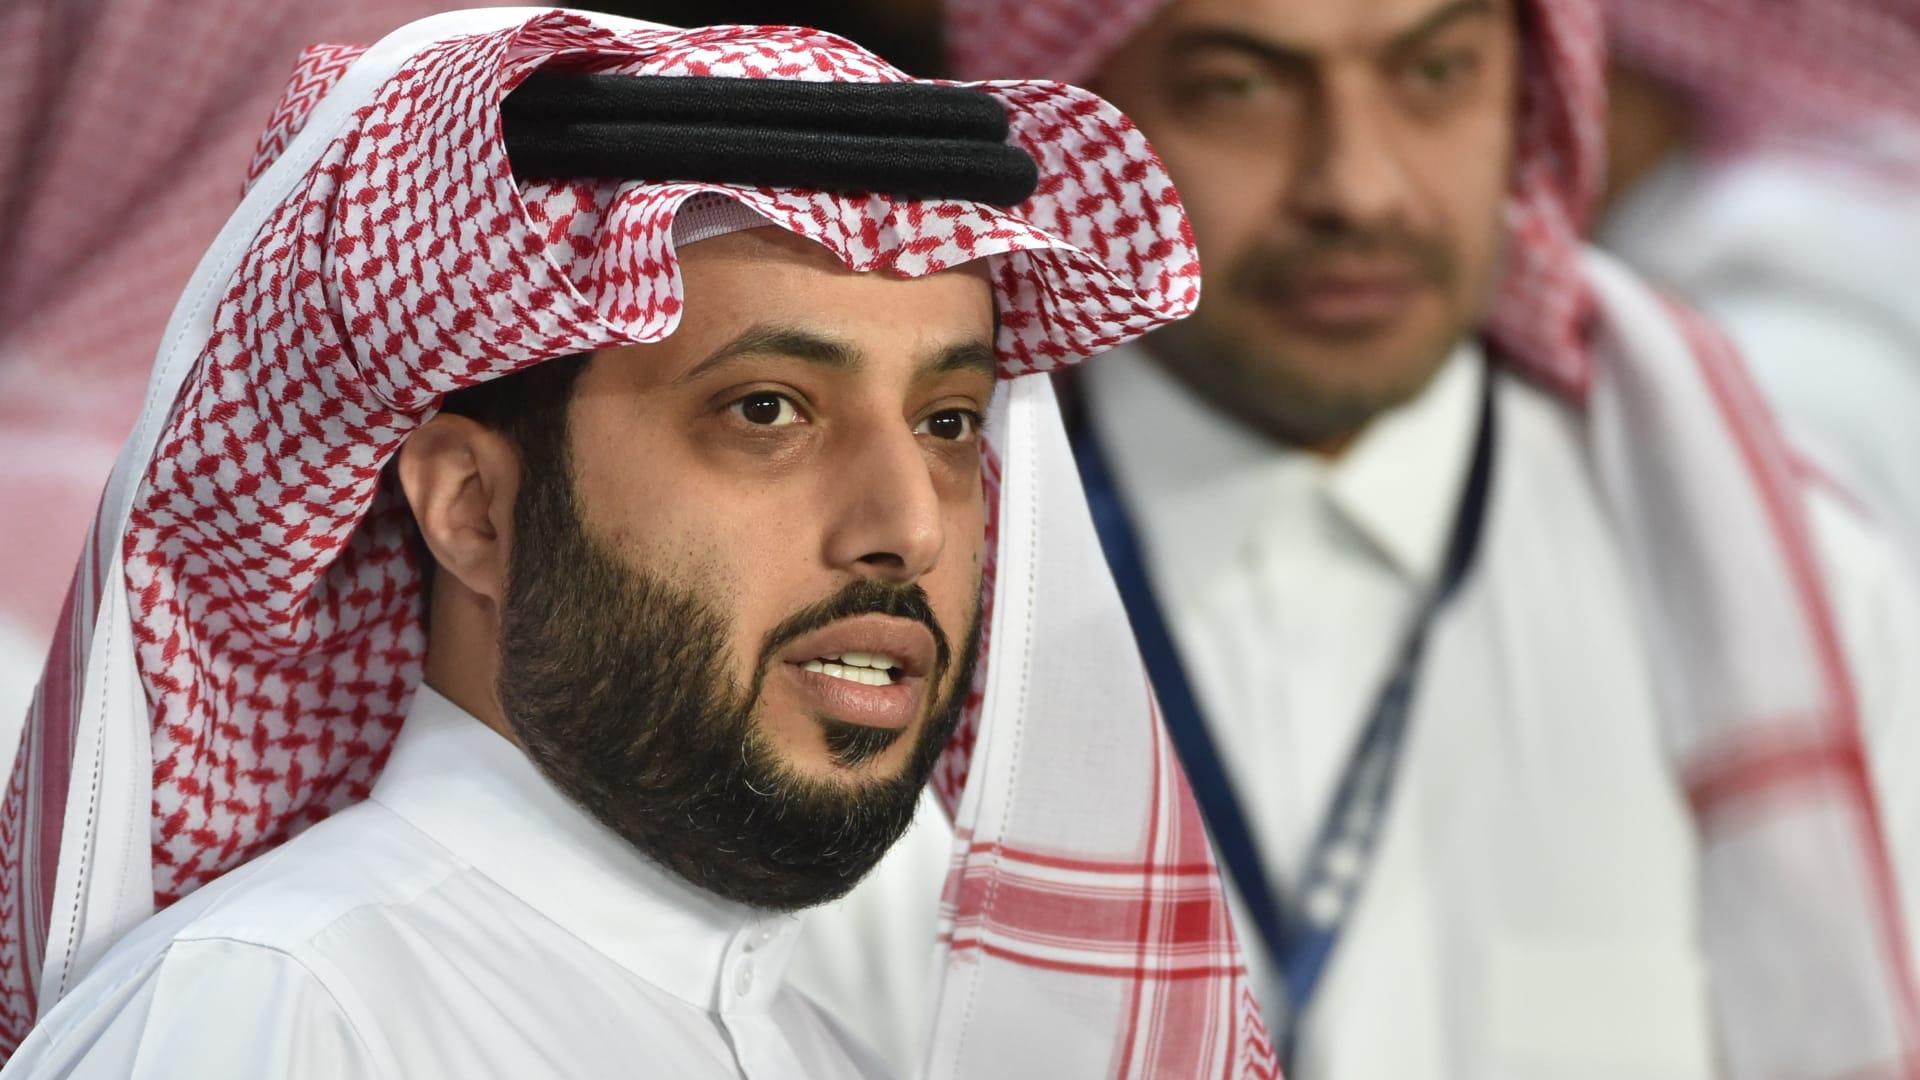 """فريق سعودي بعد متابعة تركي آل الشيخ له على تويتر: """"تكفى بدون تكسير شاشات"""""""